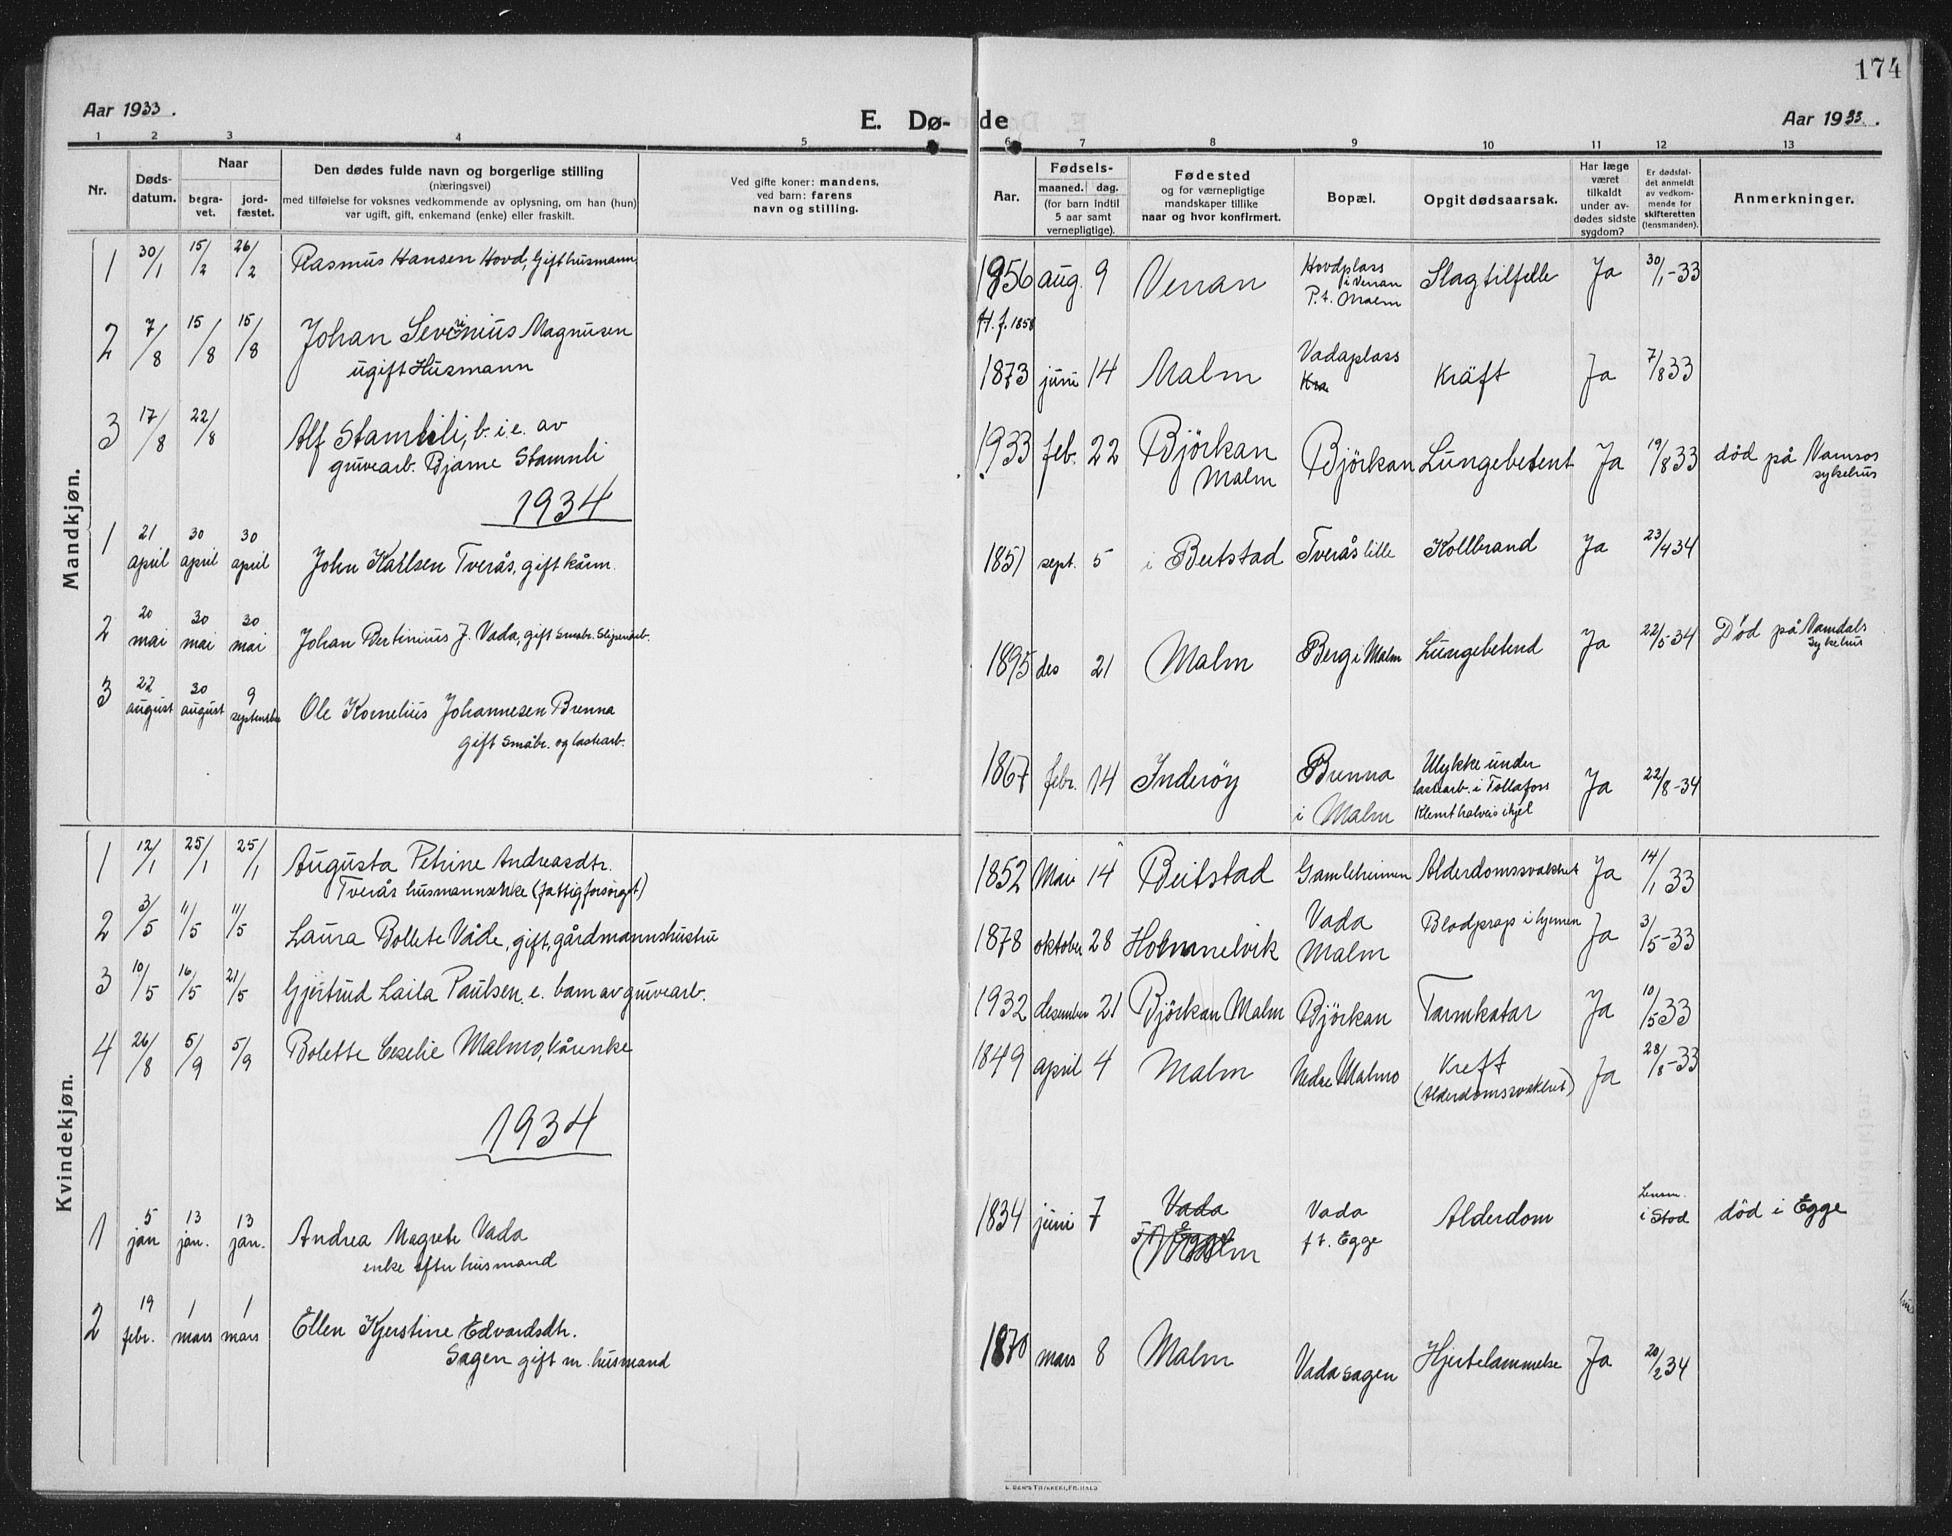 SAT, Ministerialprotokoller, klokkerbøker og fødselsregistre - Nord-Trøndelag, 745/L0434: Klokkerbok nr. 745C03, 1914-1937, s. 174